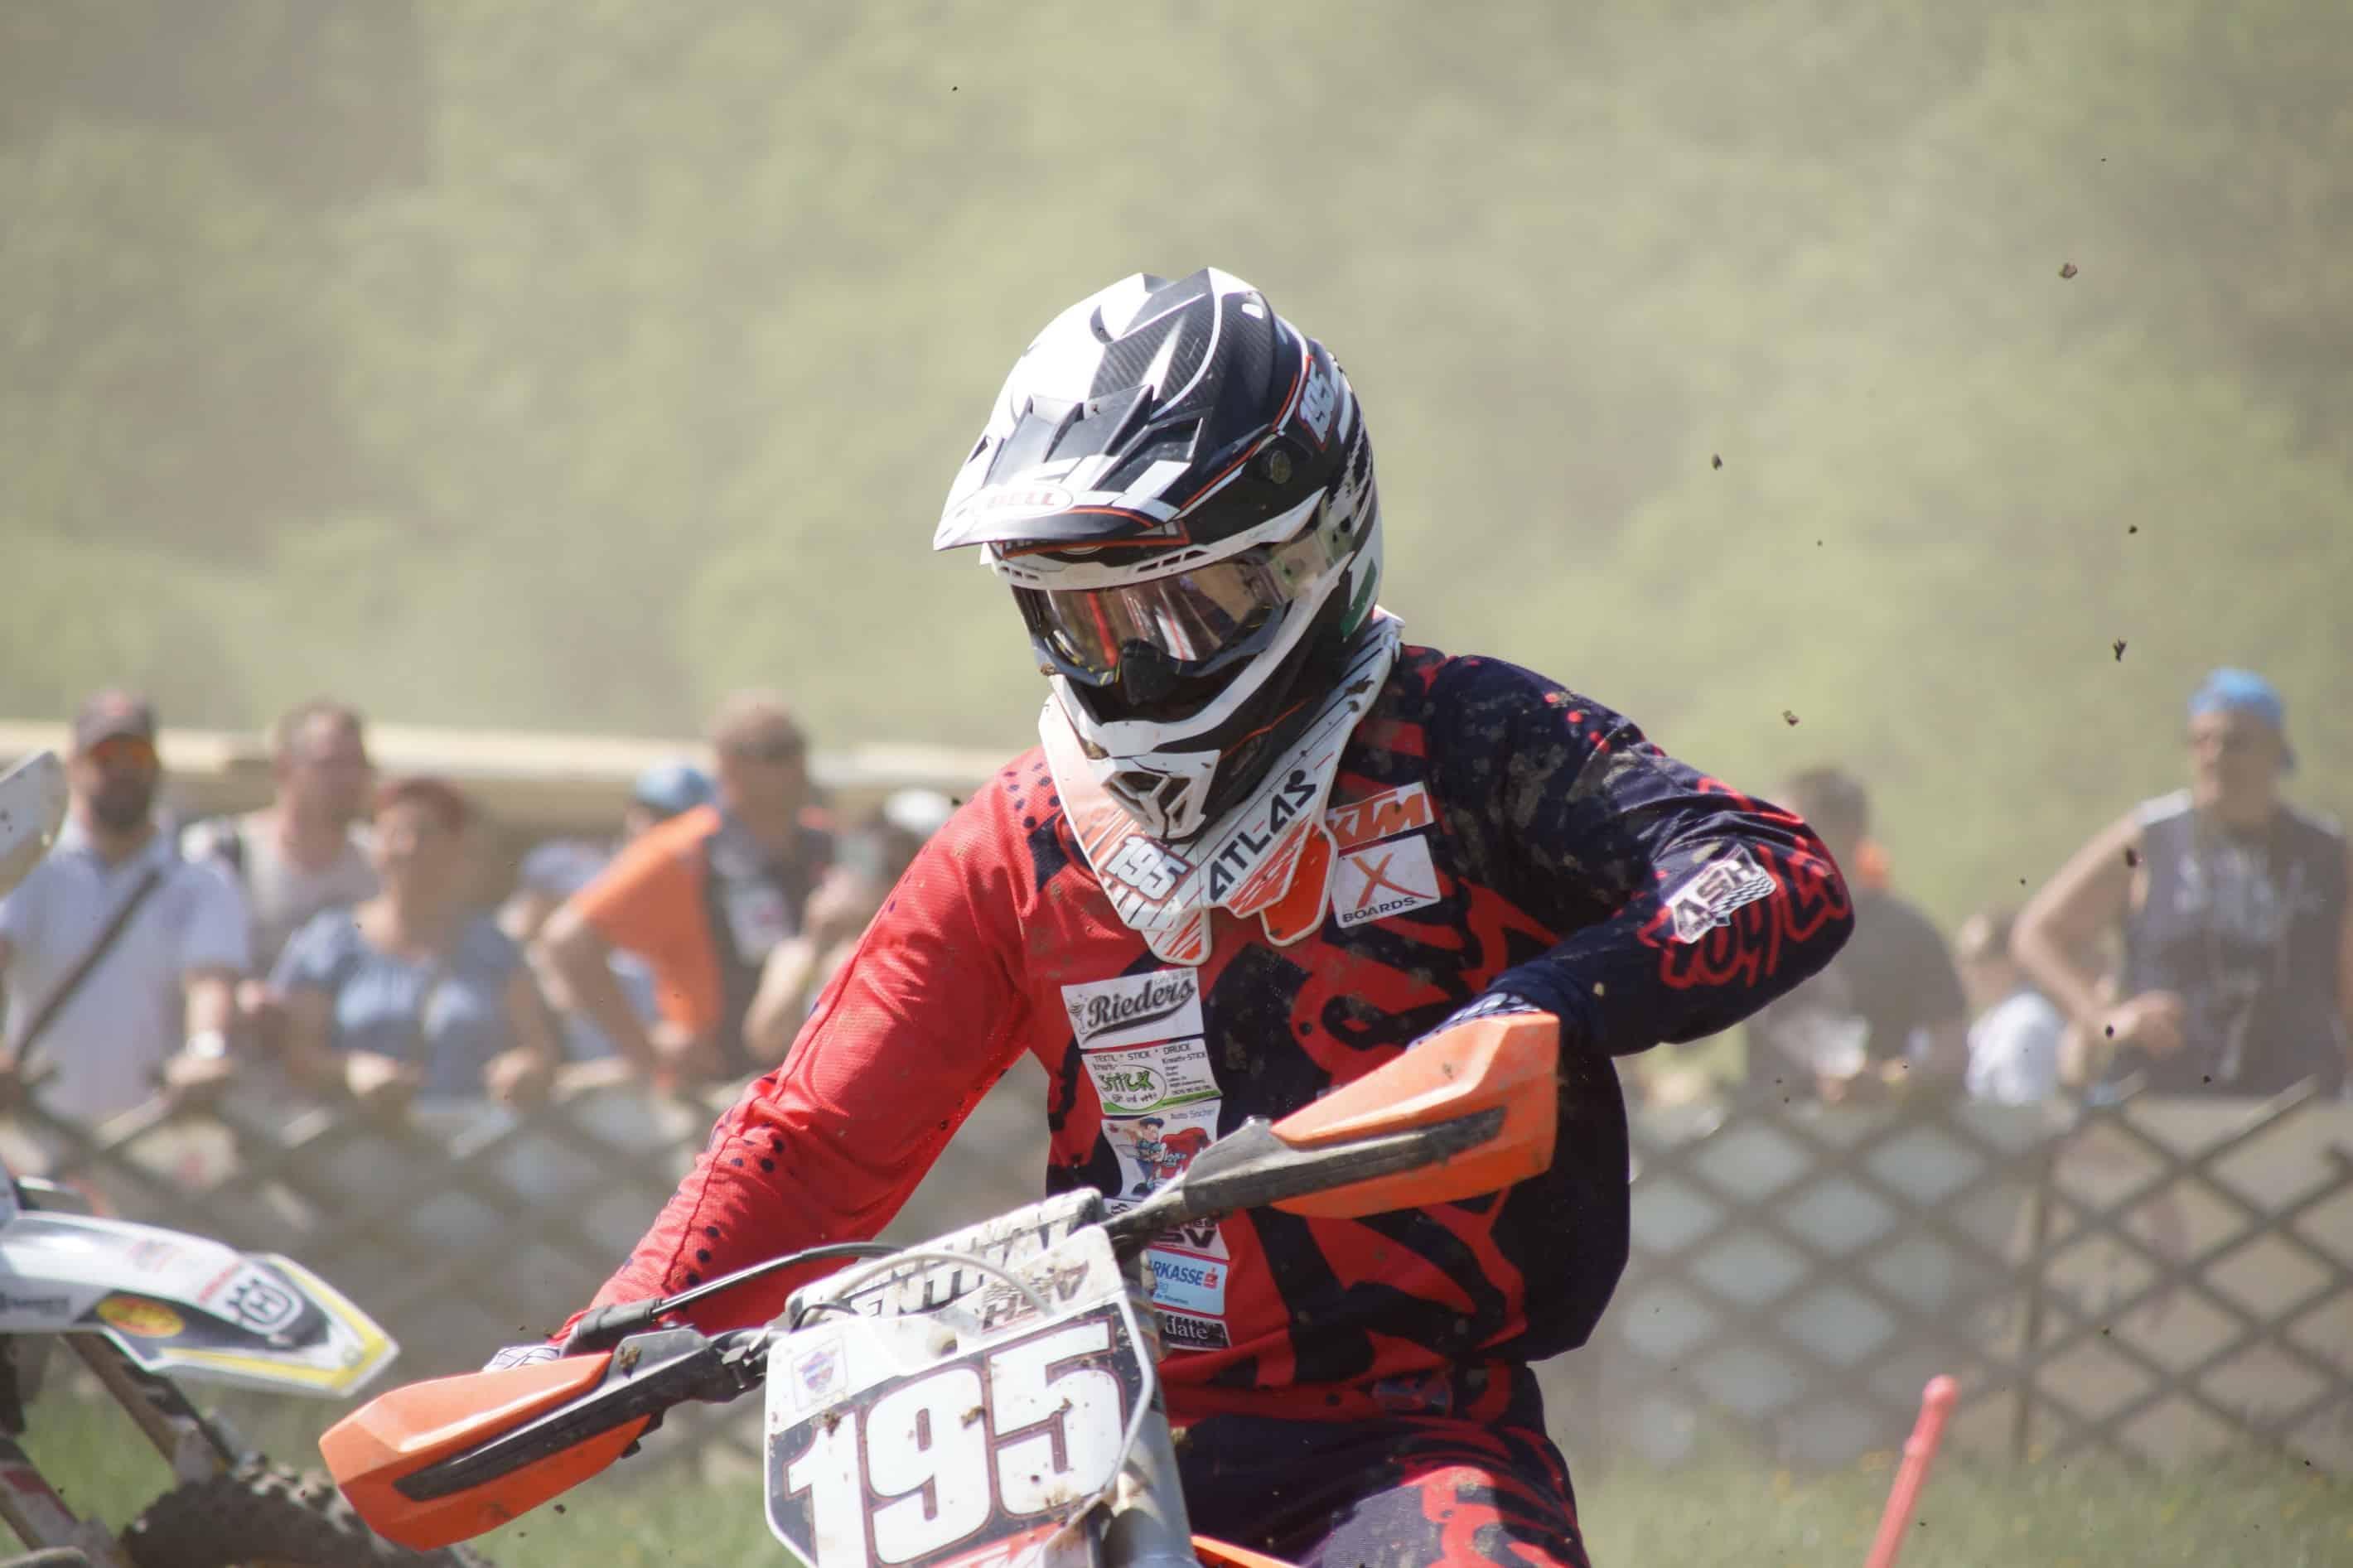 DSC1192_Moto Cross Sittendorf